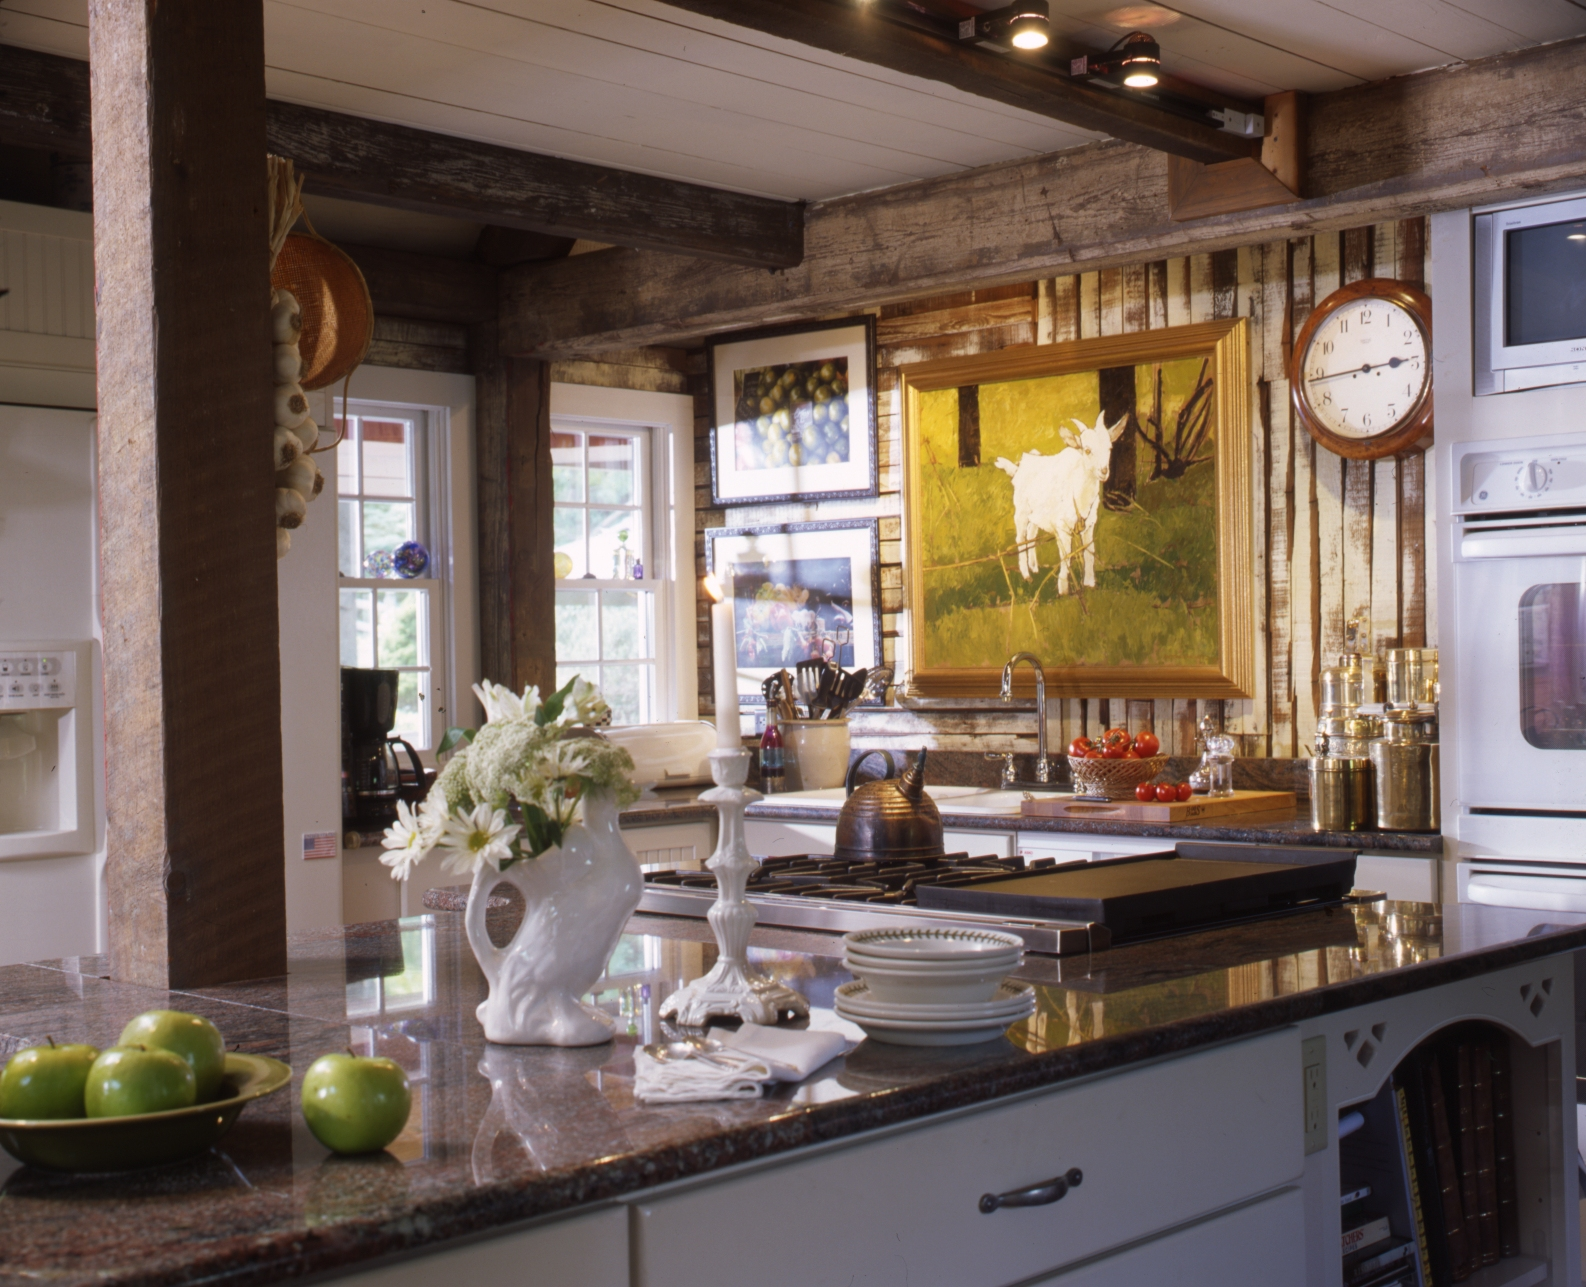 تصاميم مذهلة لـ مطابخ فرنسية جميلة | المرسال